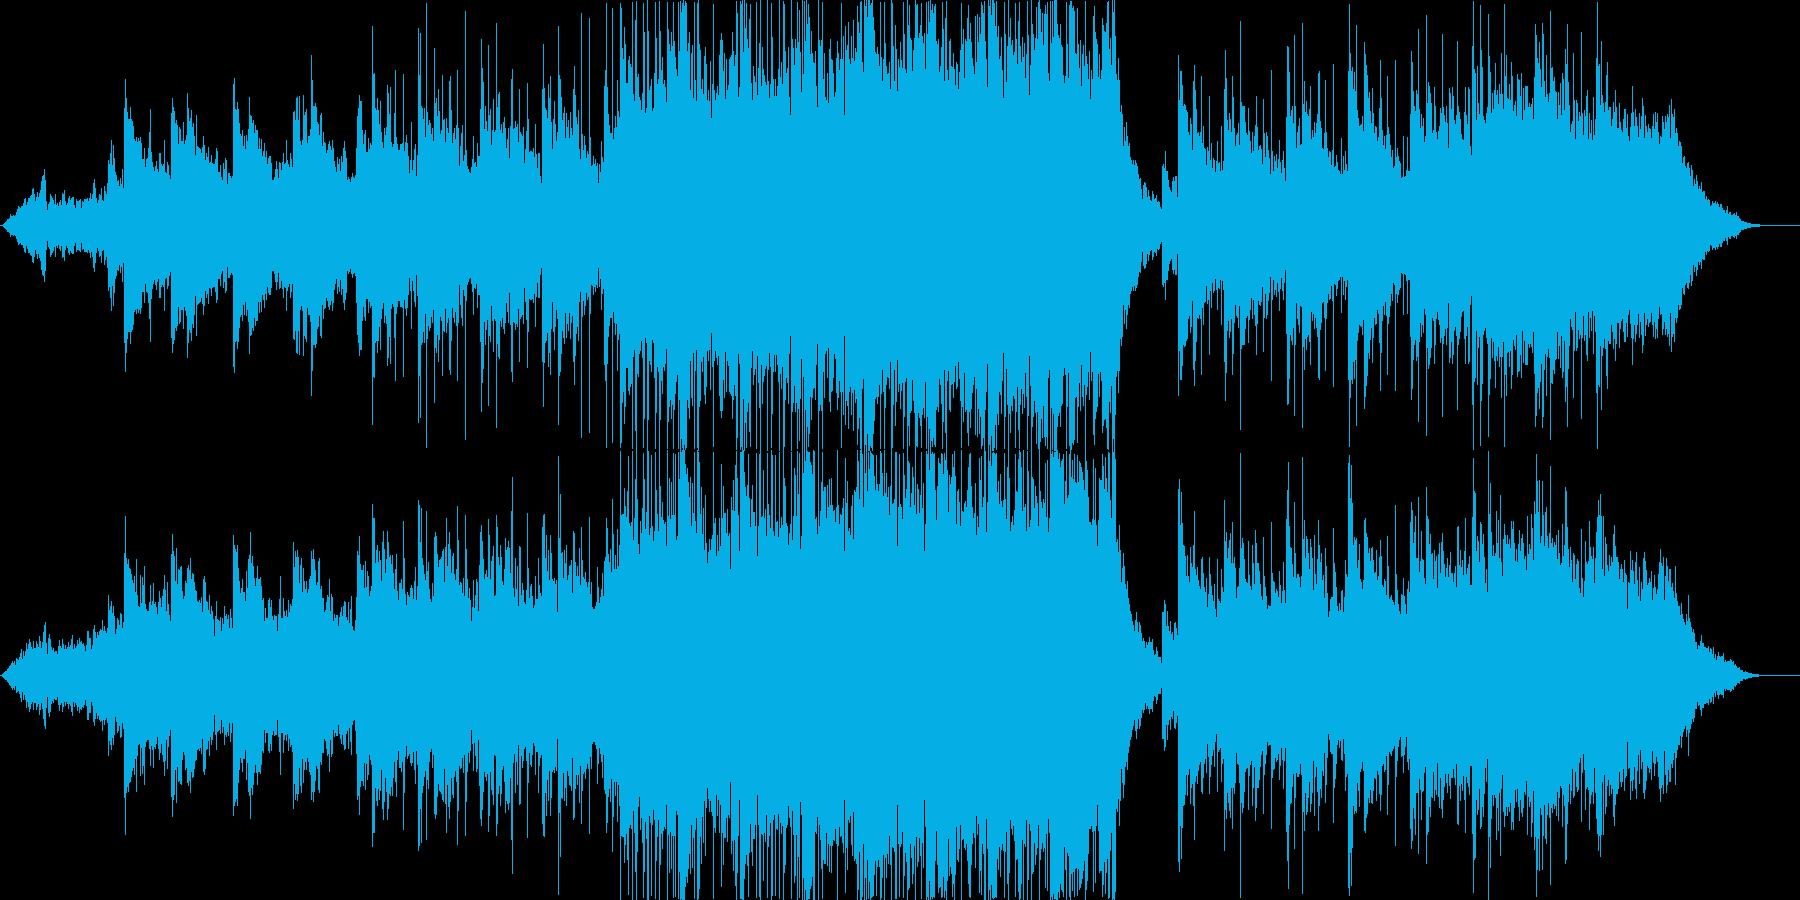 壮大で幻想的、映像向きBGMの再生済みの波形